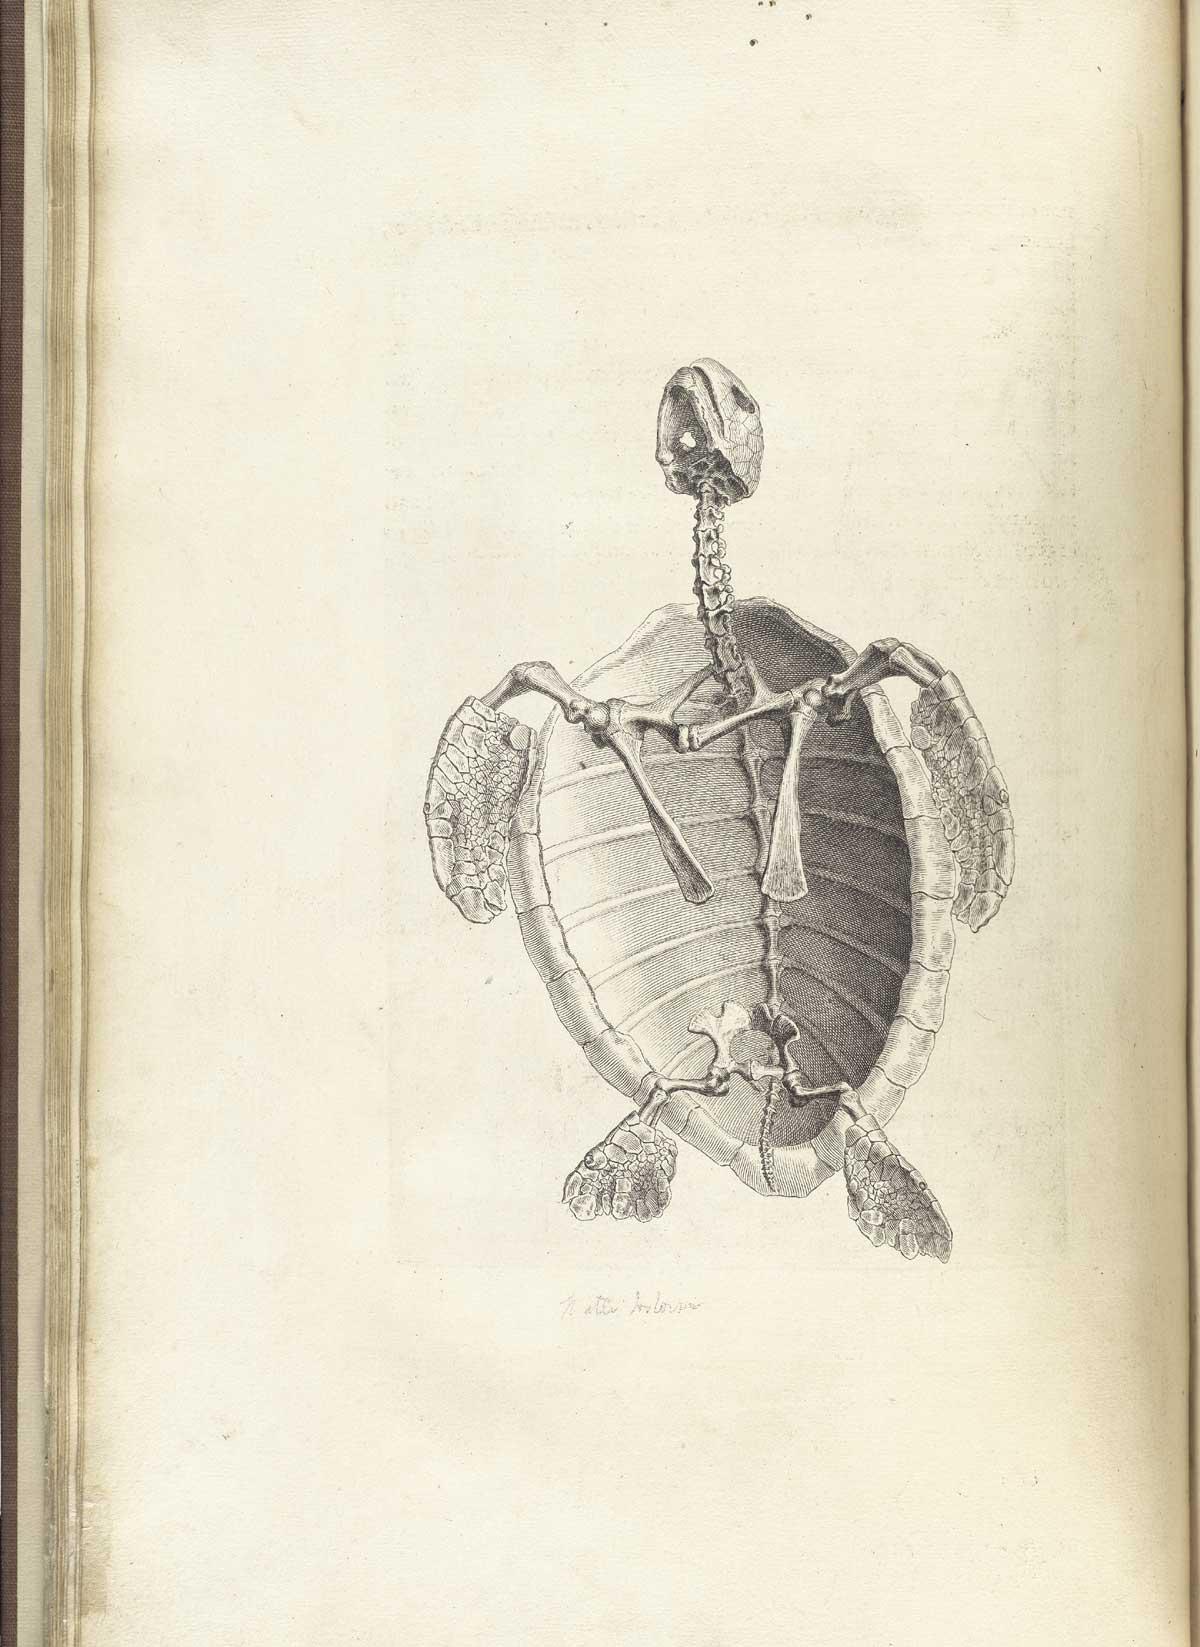 Cheselden - Ostographia - water tortoise